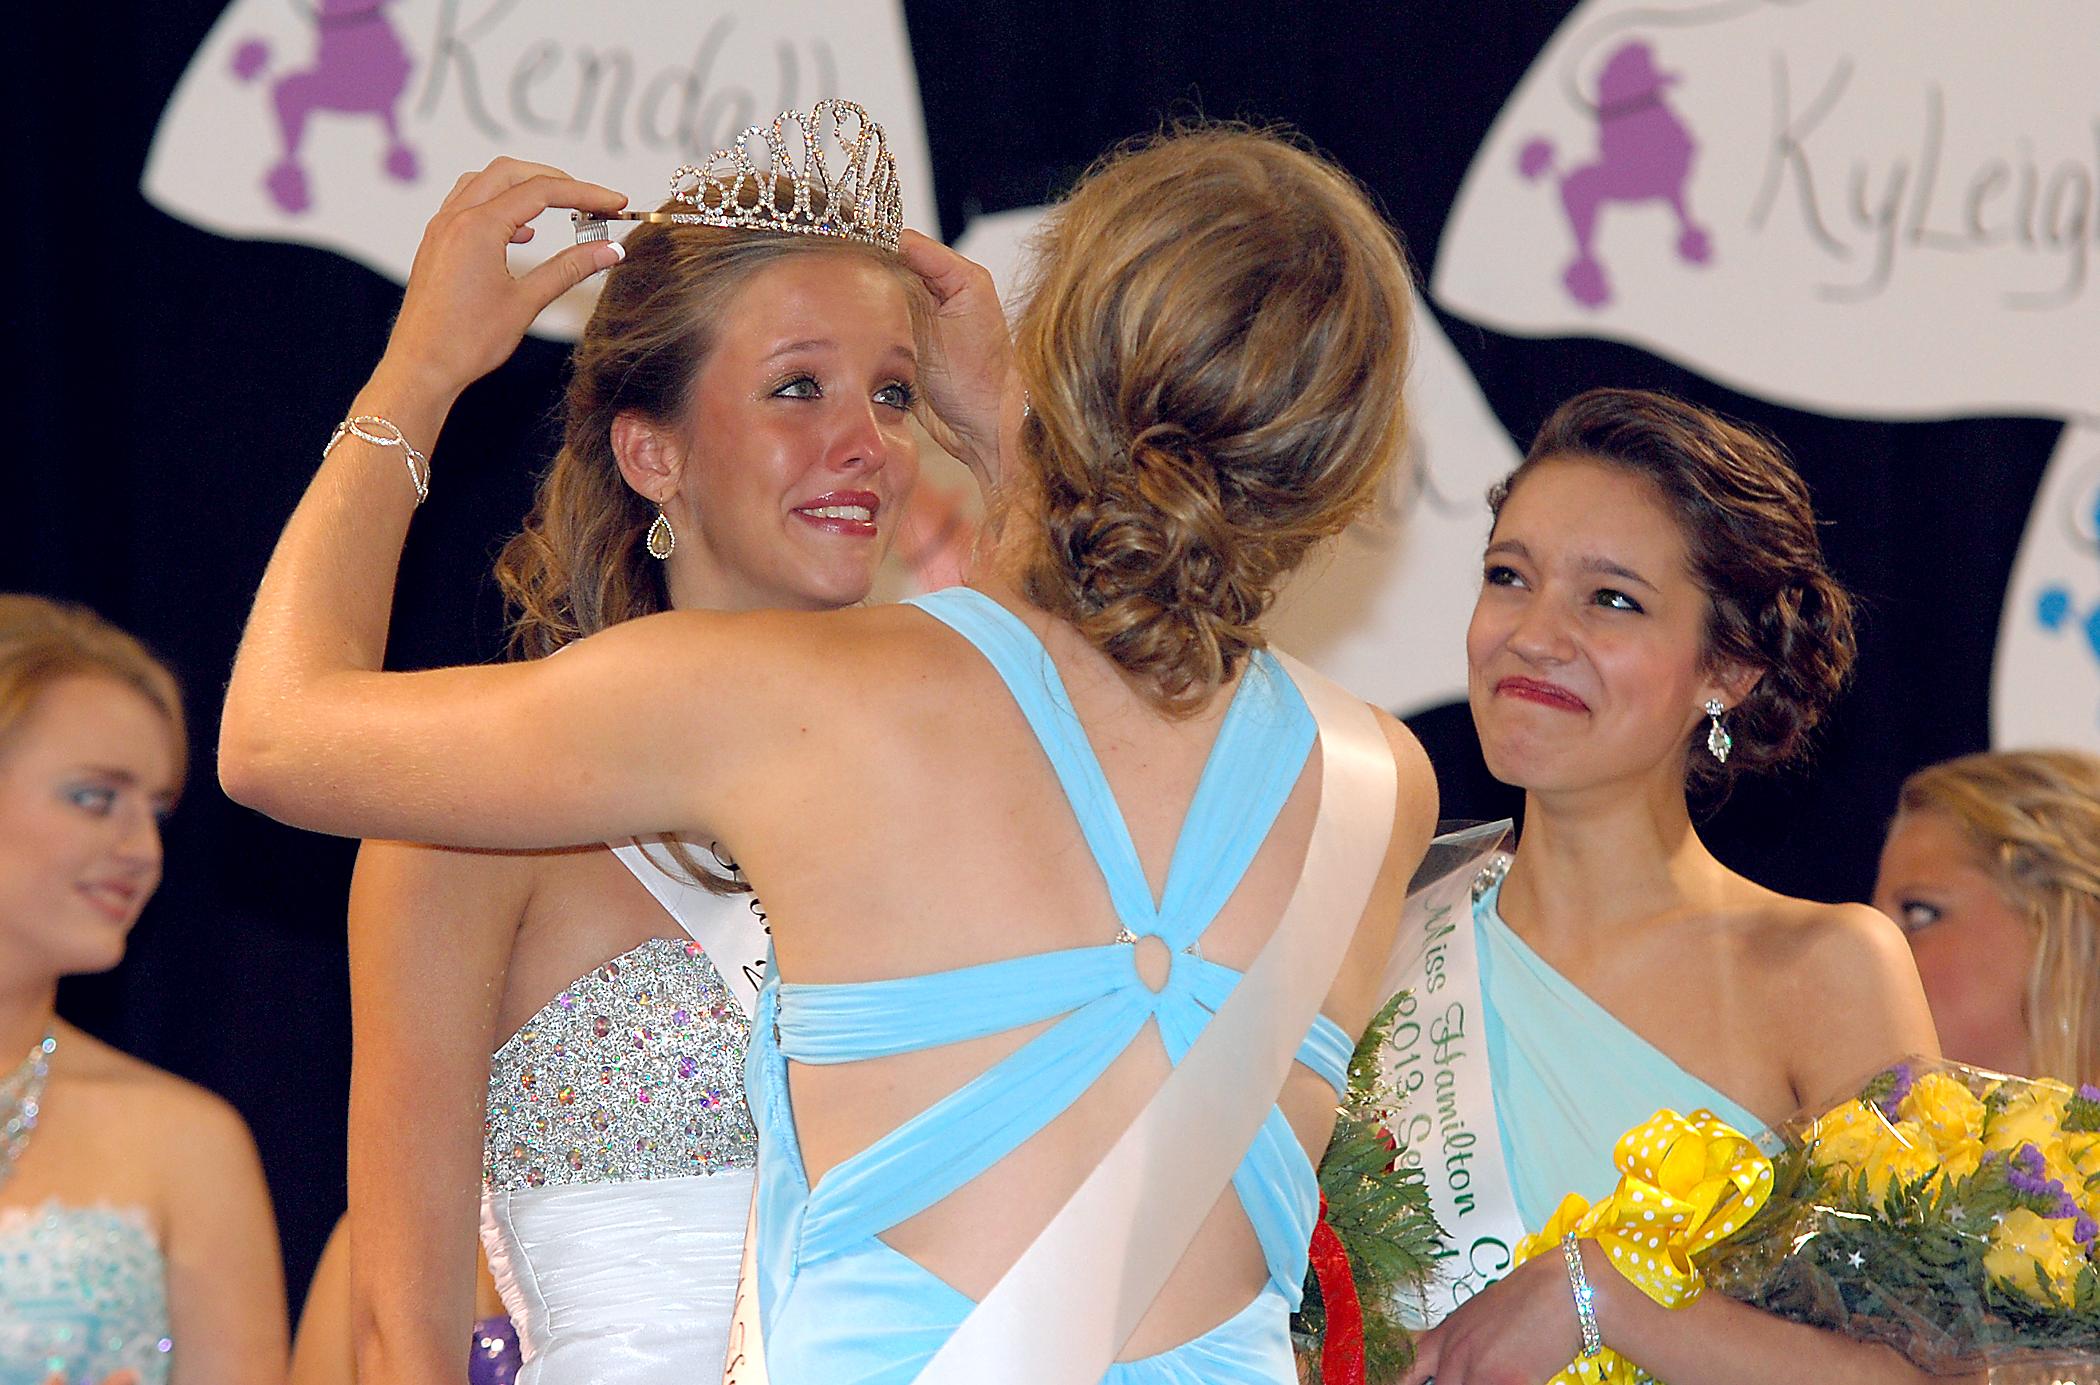 KyLeigh Kimbrell receives the crown from 2012 Hamilton County 4-H Fair Queen Sarah Huber